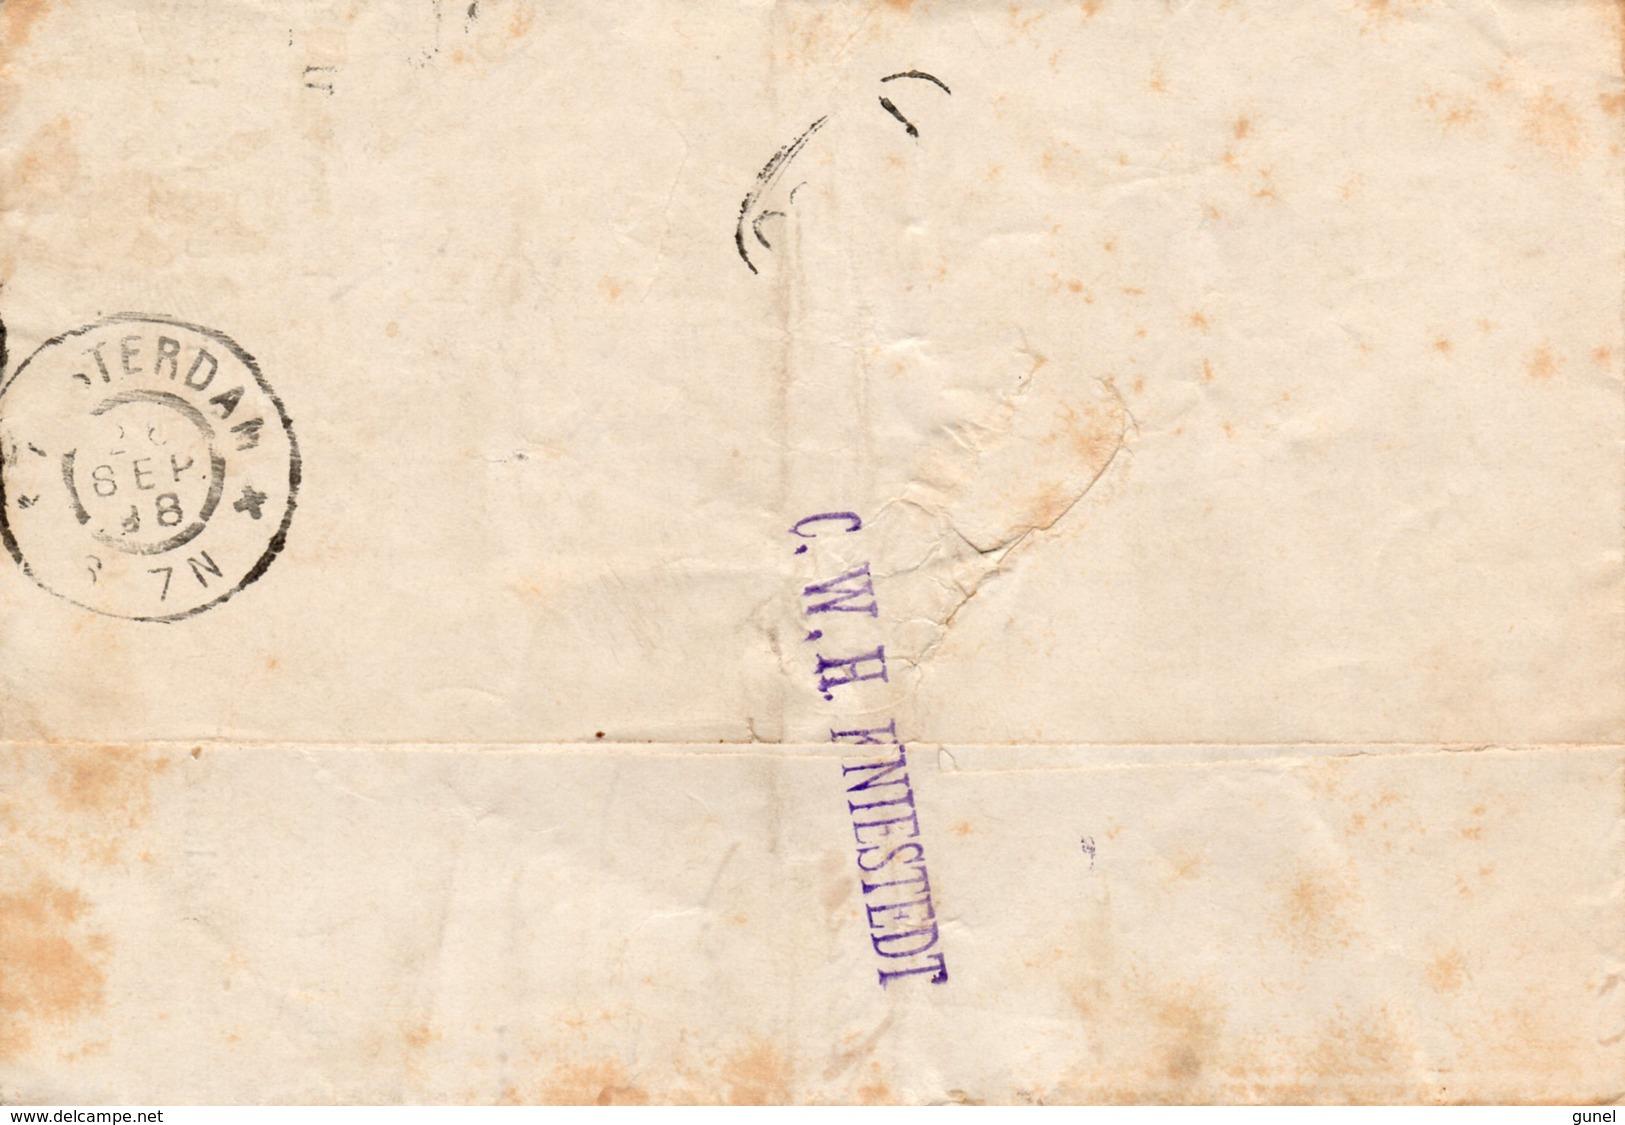 26 SEP 98 Betalingsbevel Lokaal Te Amsterdam Met NVPH 34 Met Gr.rond - Periode 1891-1948 (Wilhelmina)